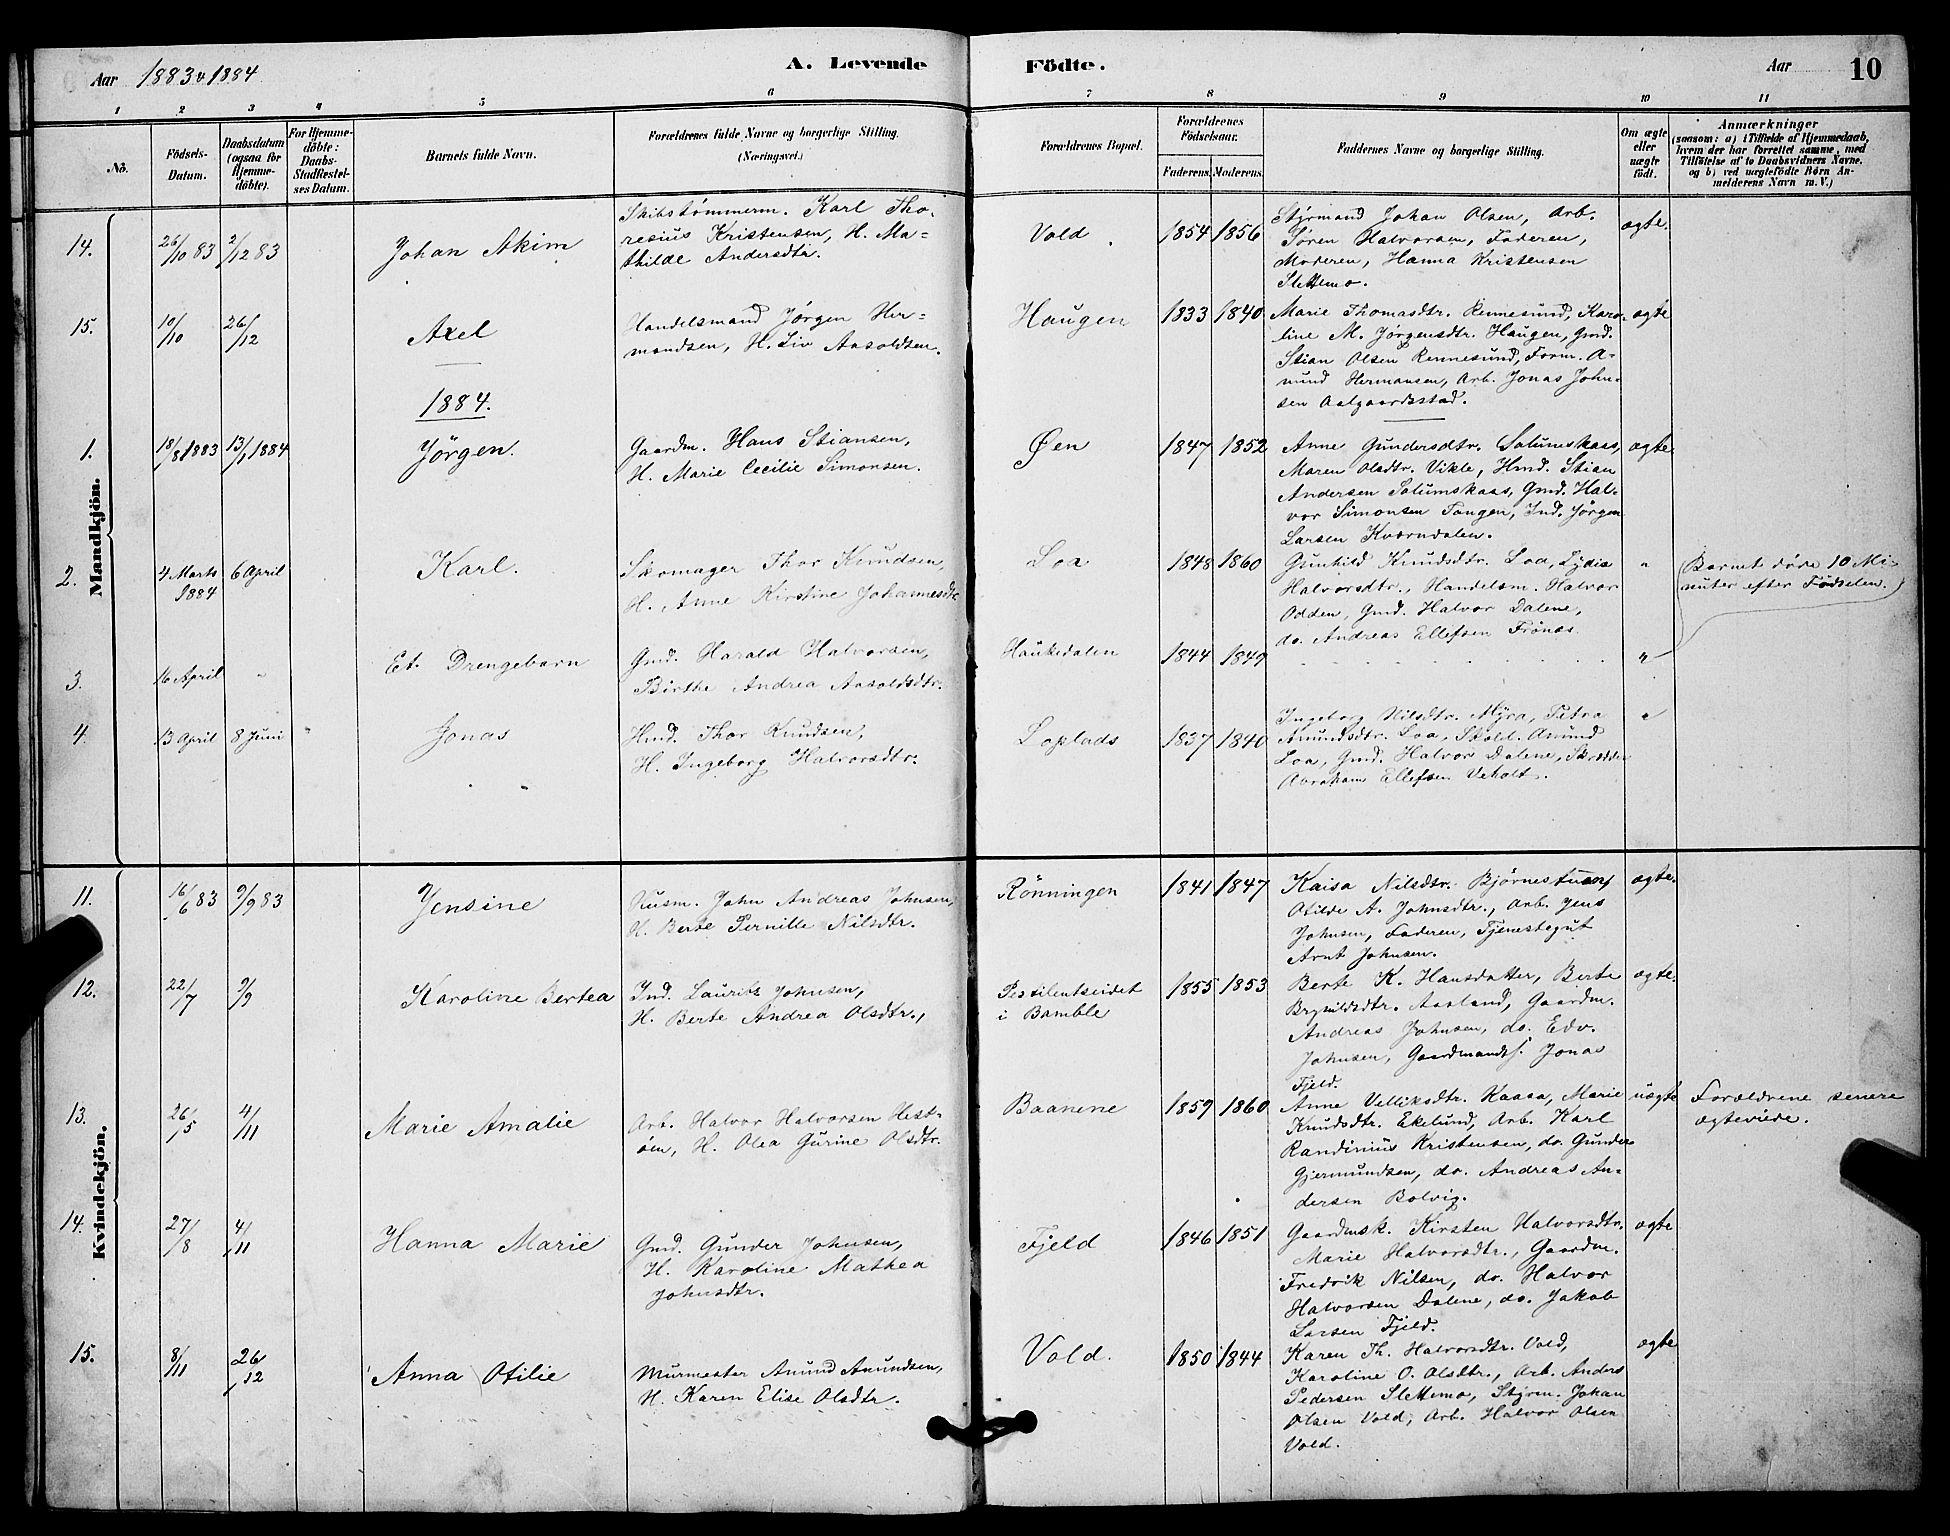 SAKO, Solum kirkebøker, G/Gc/L0001: Klokkerbok nr. III 1, 1880-1902, s. 10